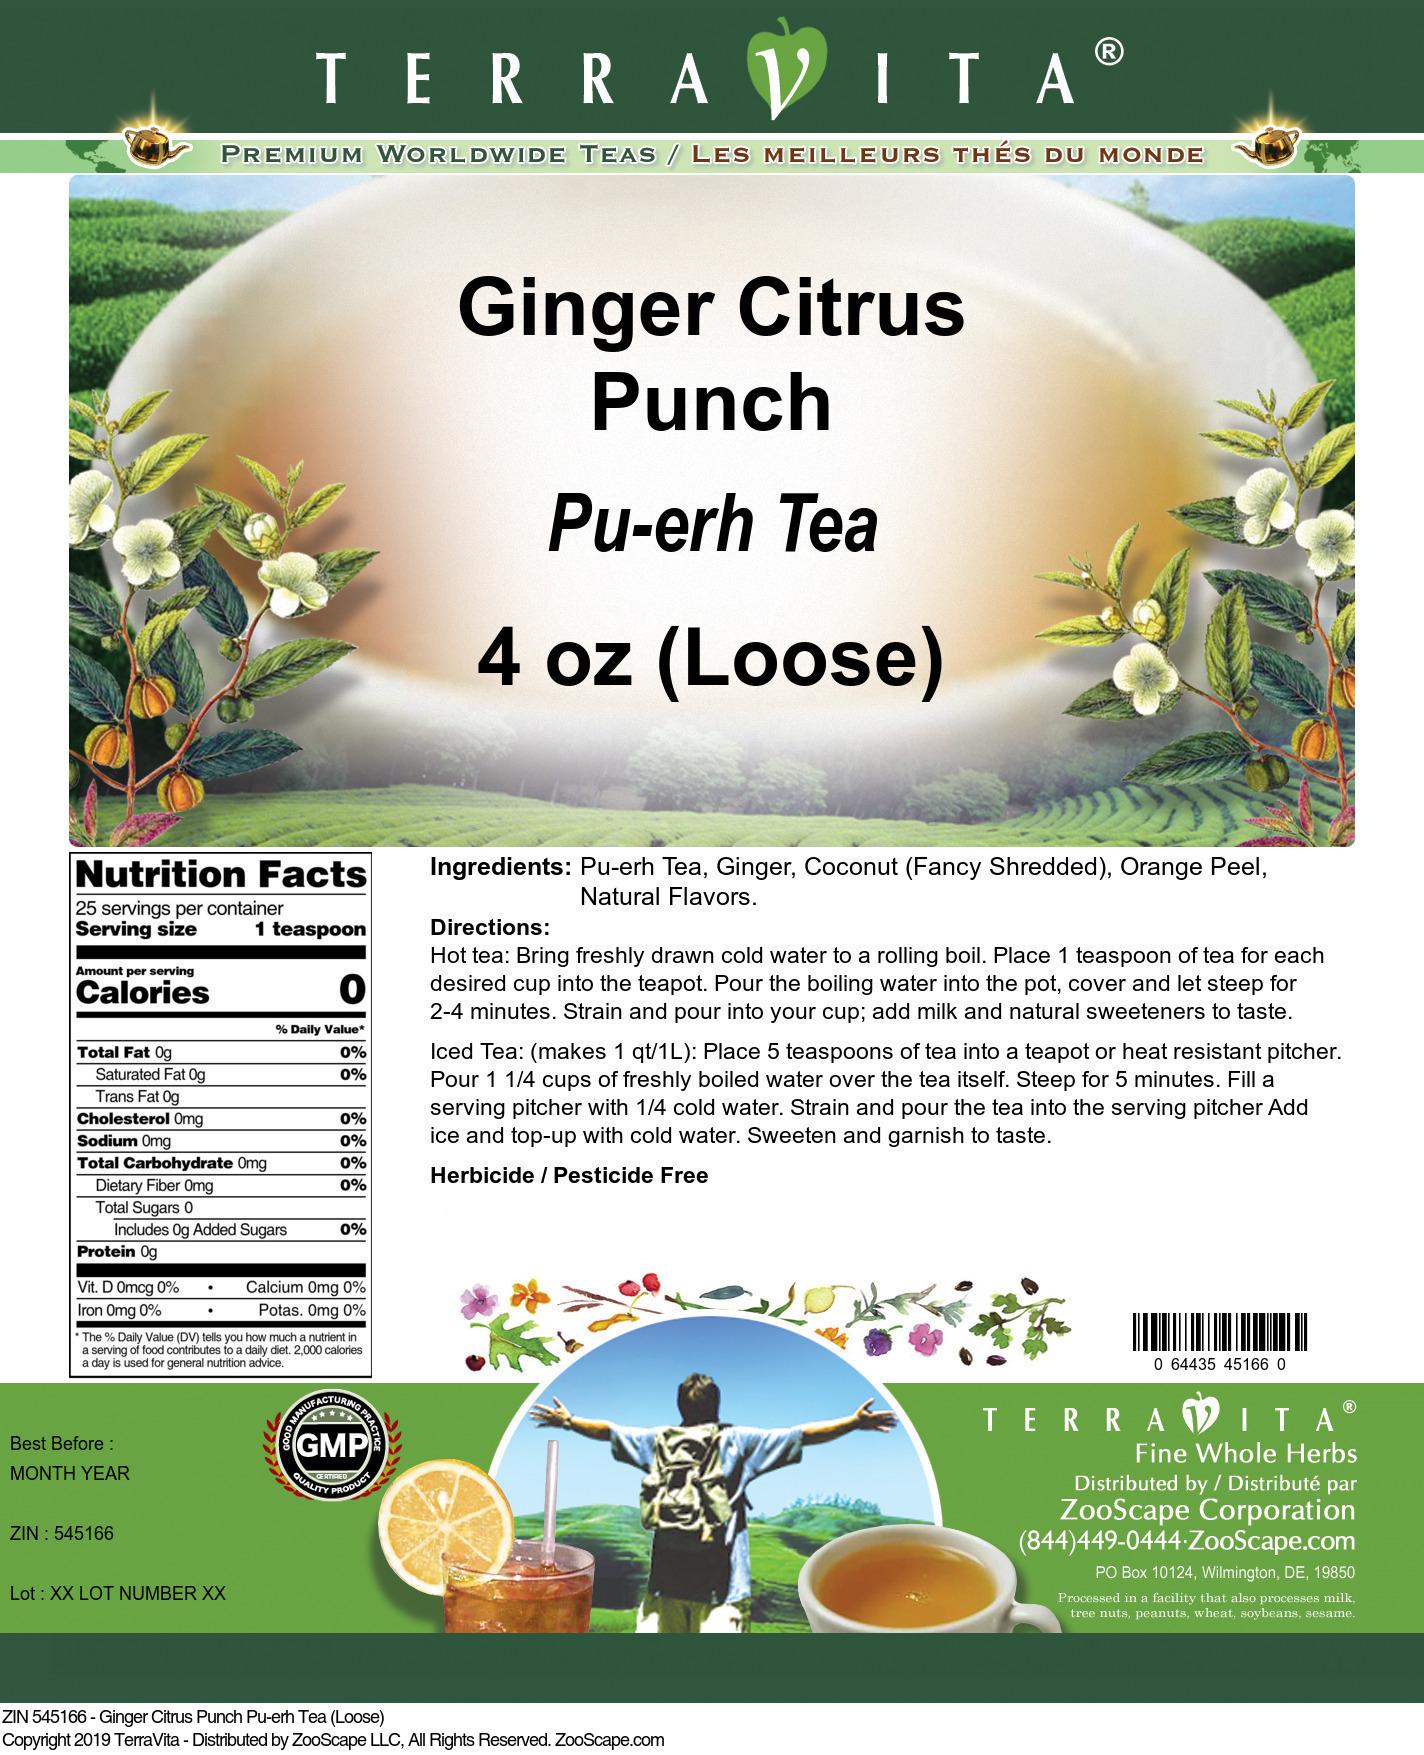 Ginger Citrus Punch Pu-erh Tea